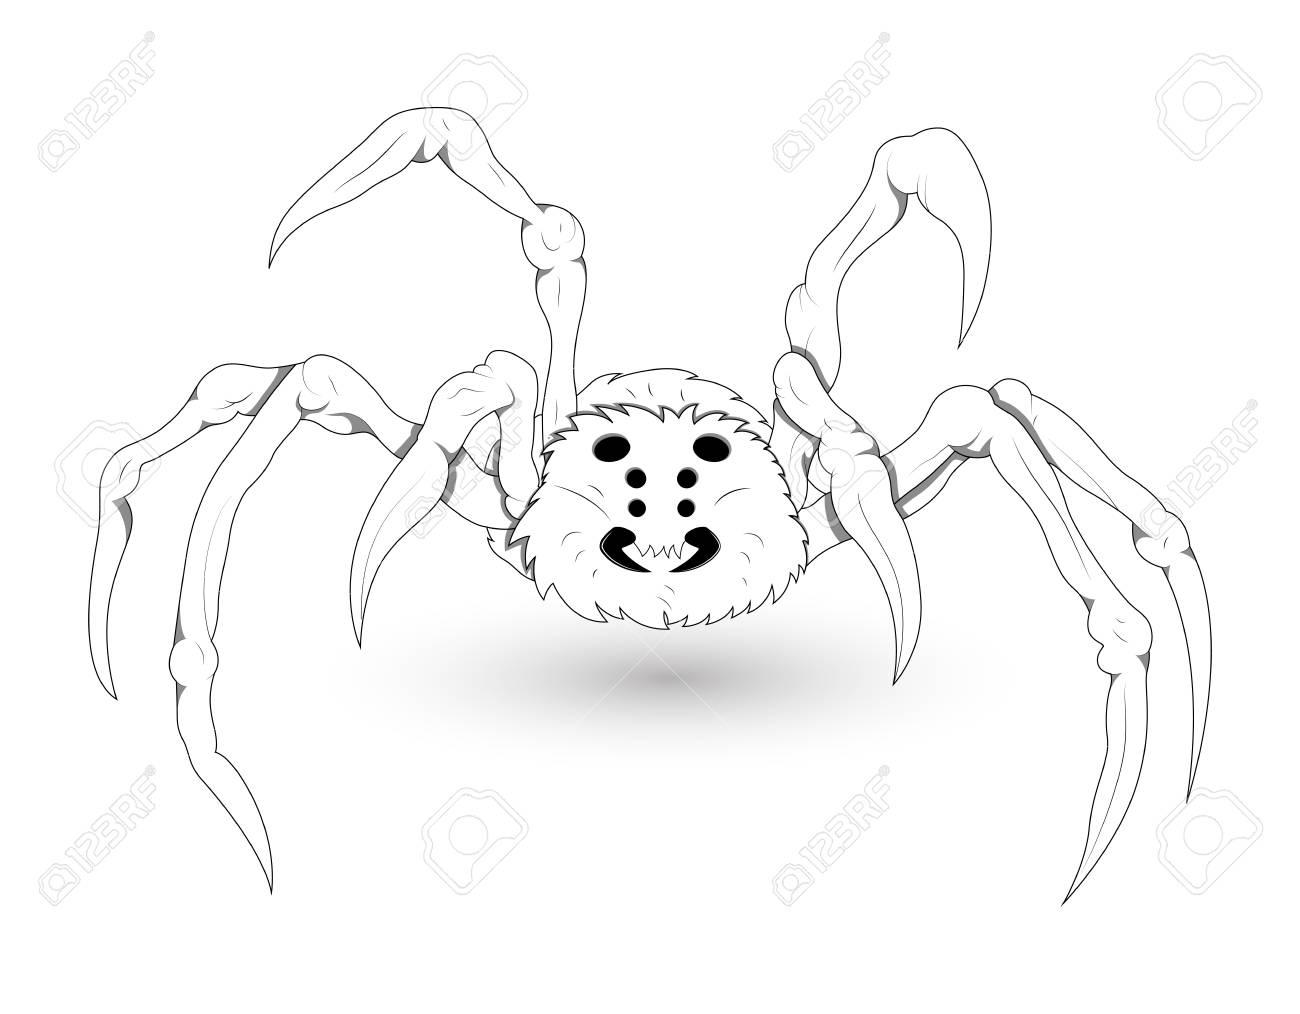 White Spider Illustration Stock Vector - 15759427